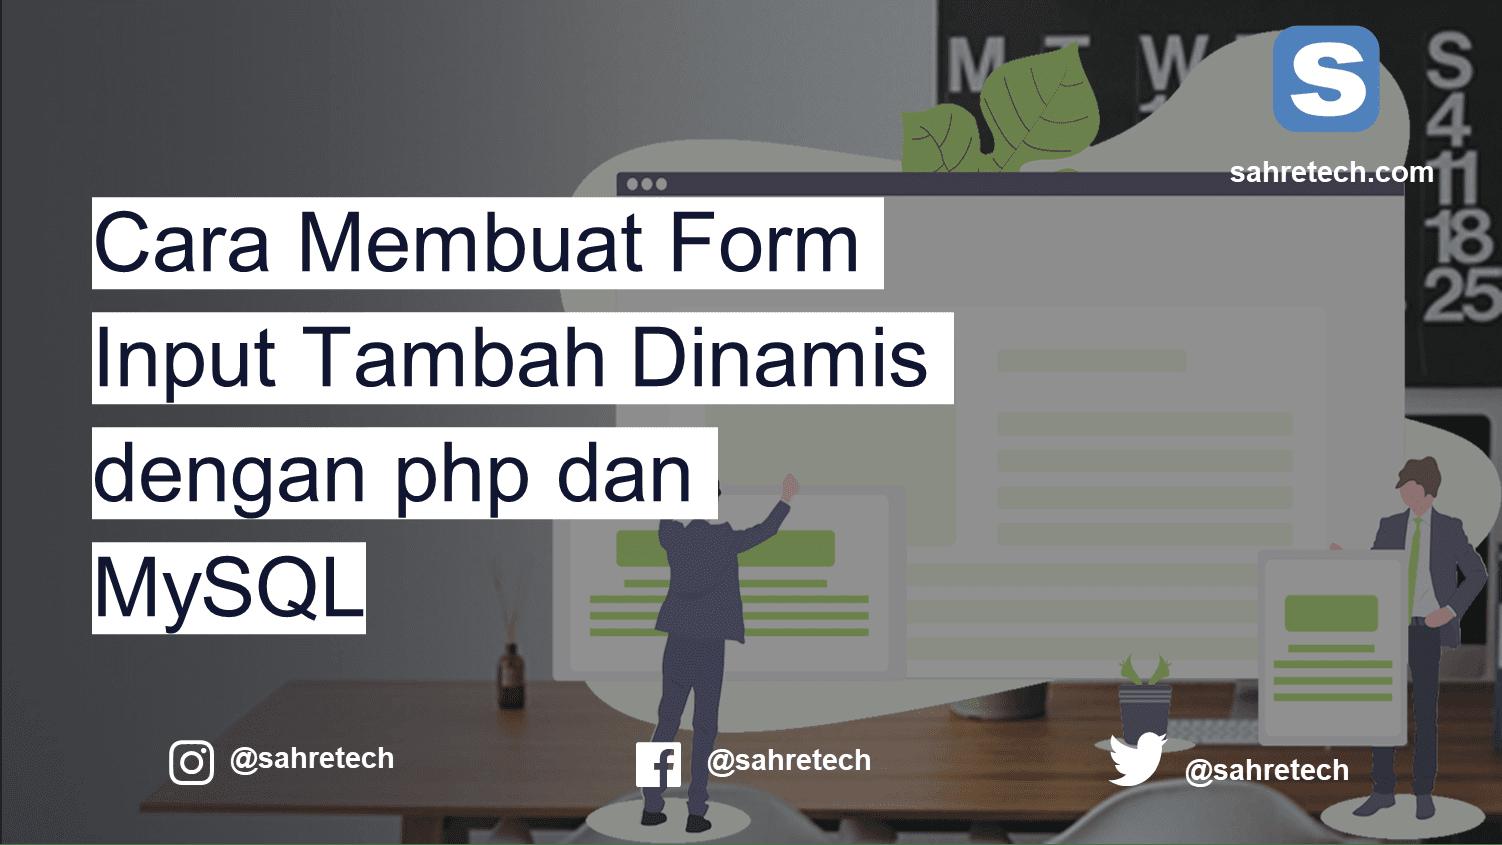 Cara Membuat Form Input Add More/Tambah Dinamis dengan php dan MySQL